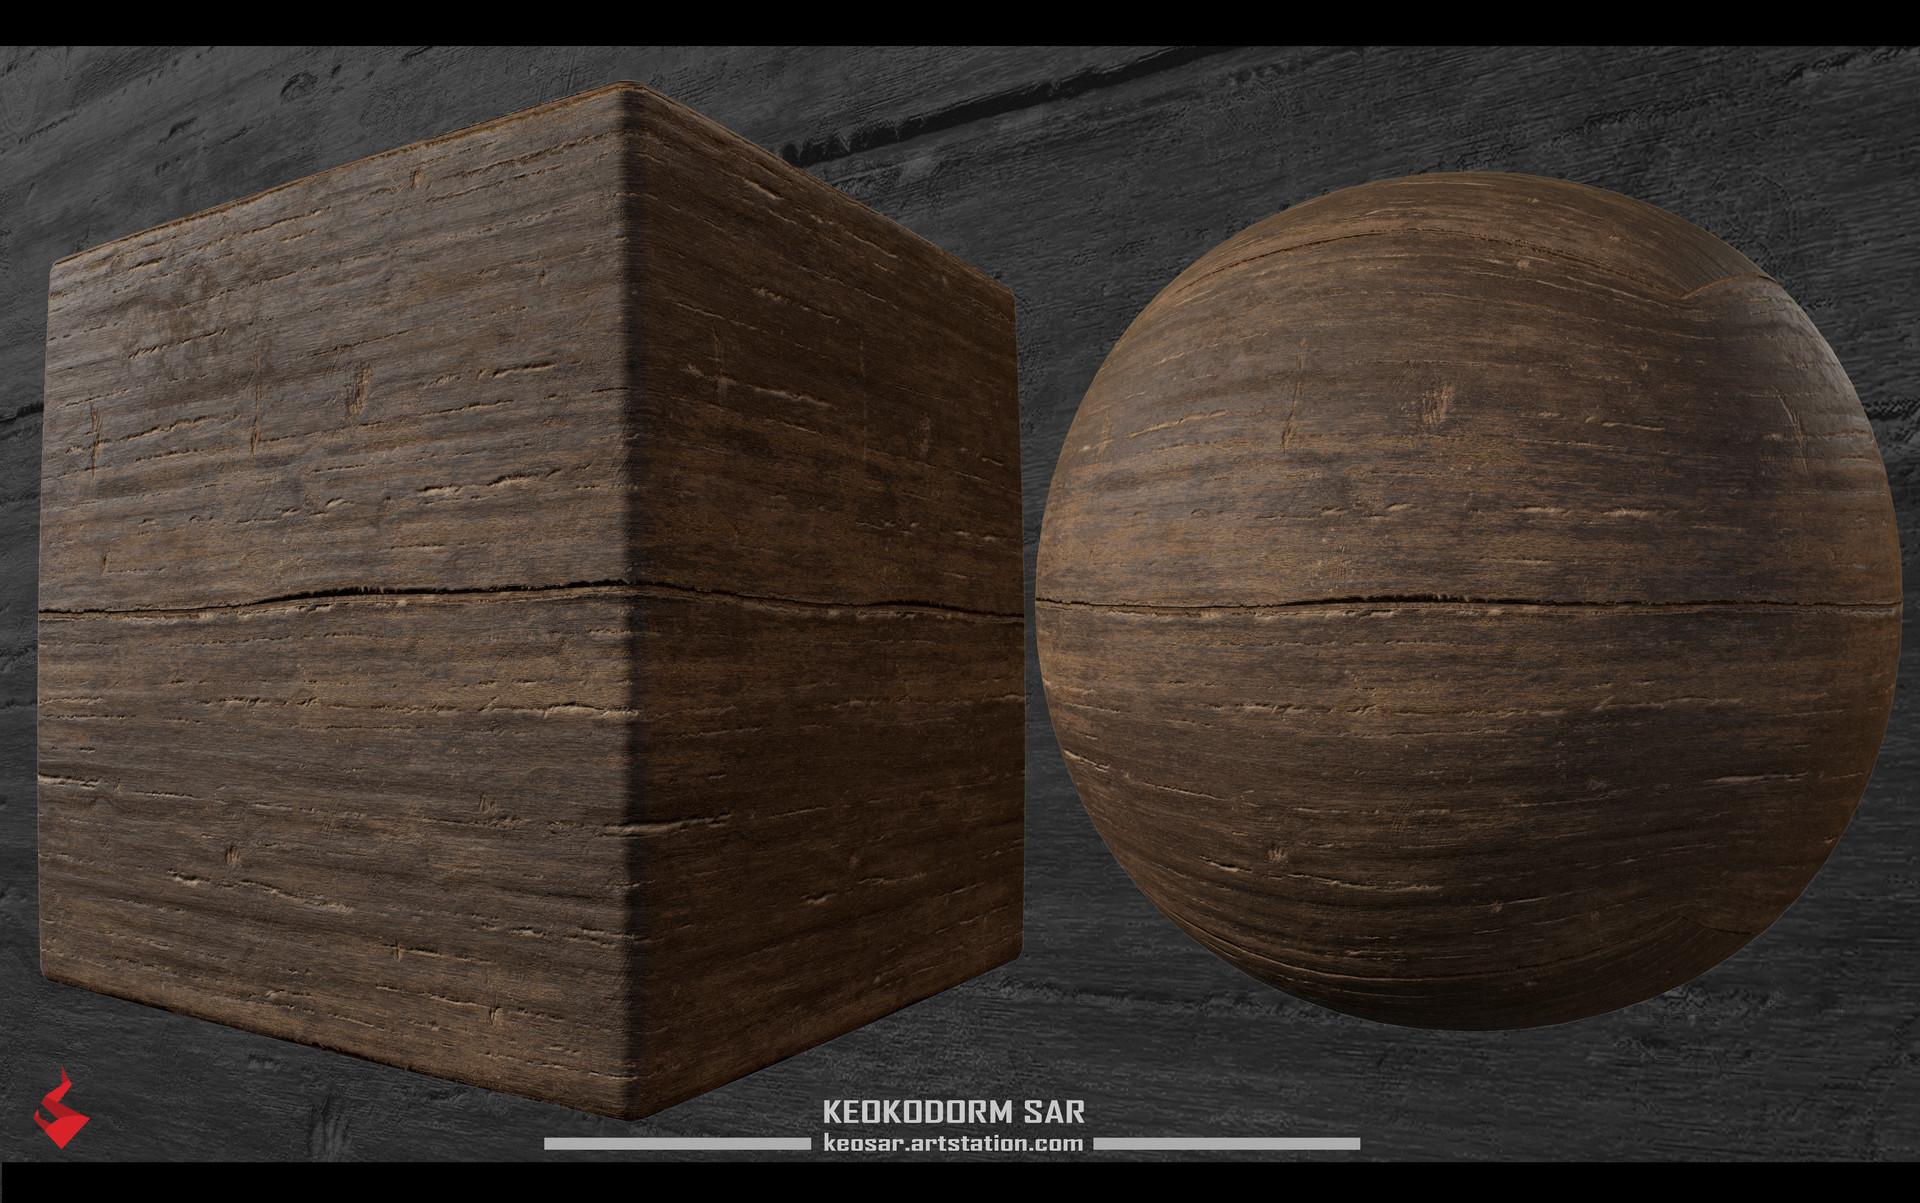 Keokodorm sar keosar wood b